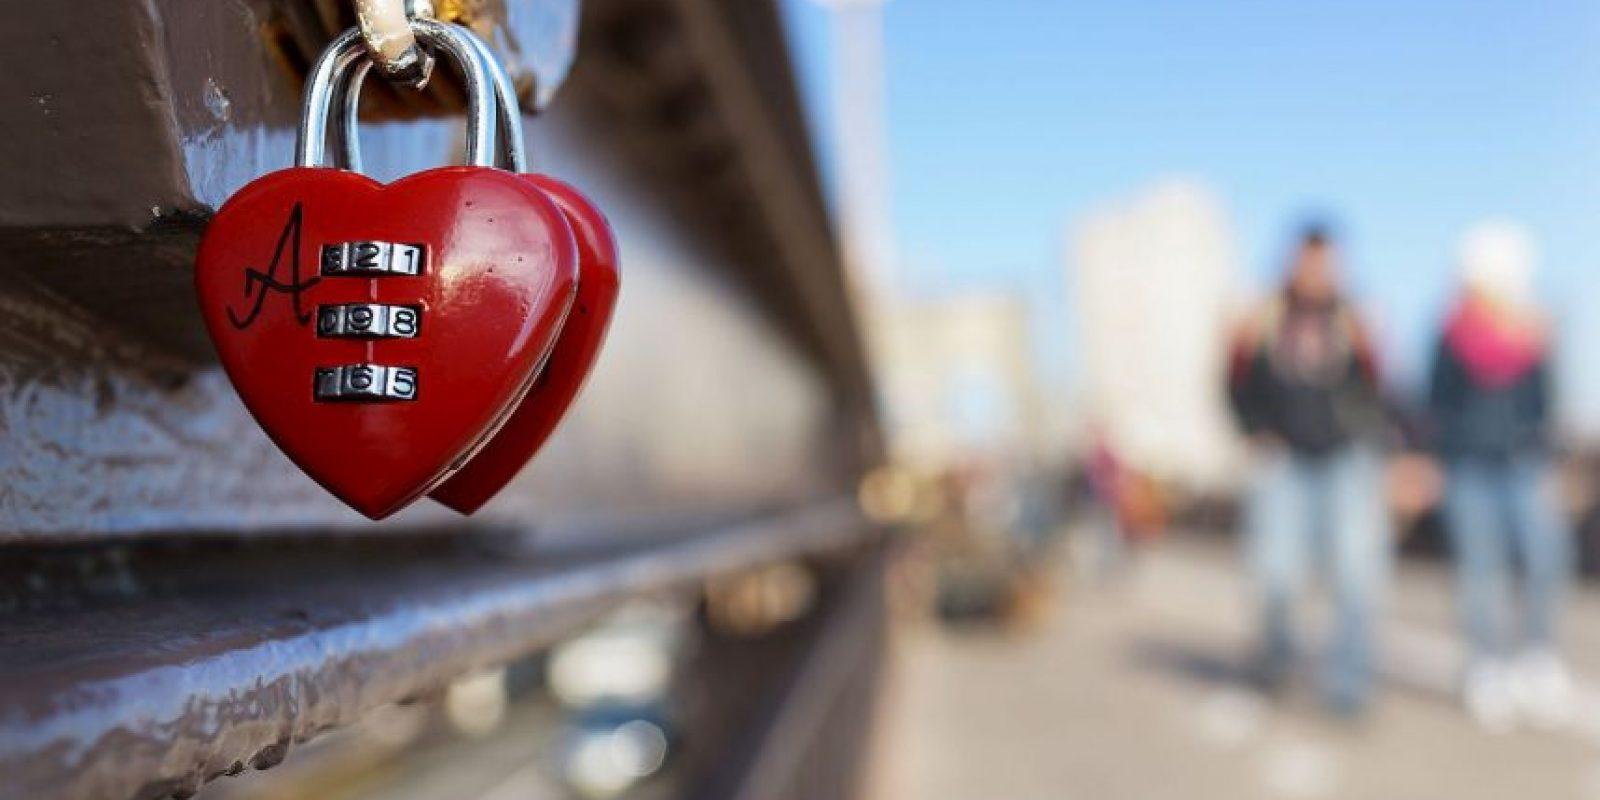 2. El día de San Valentín genera grandes desilusiones Foto:Getty Images